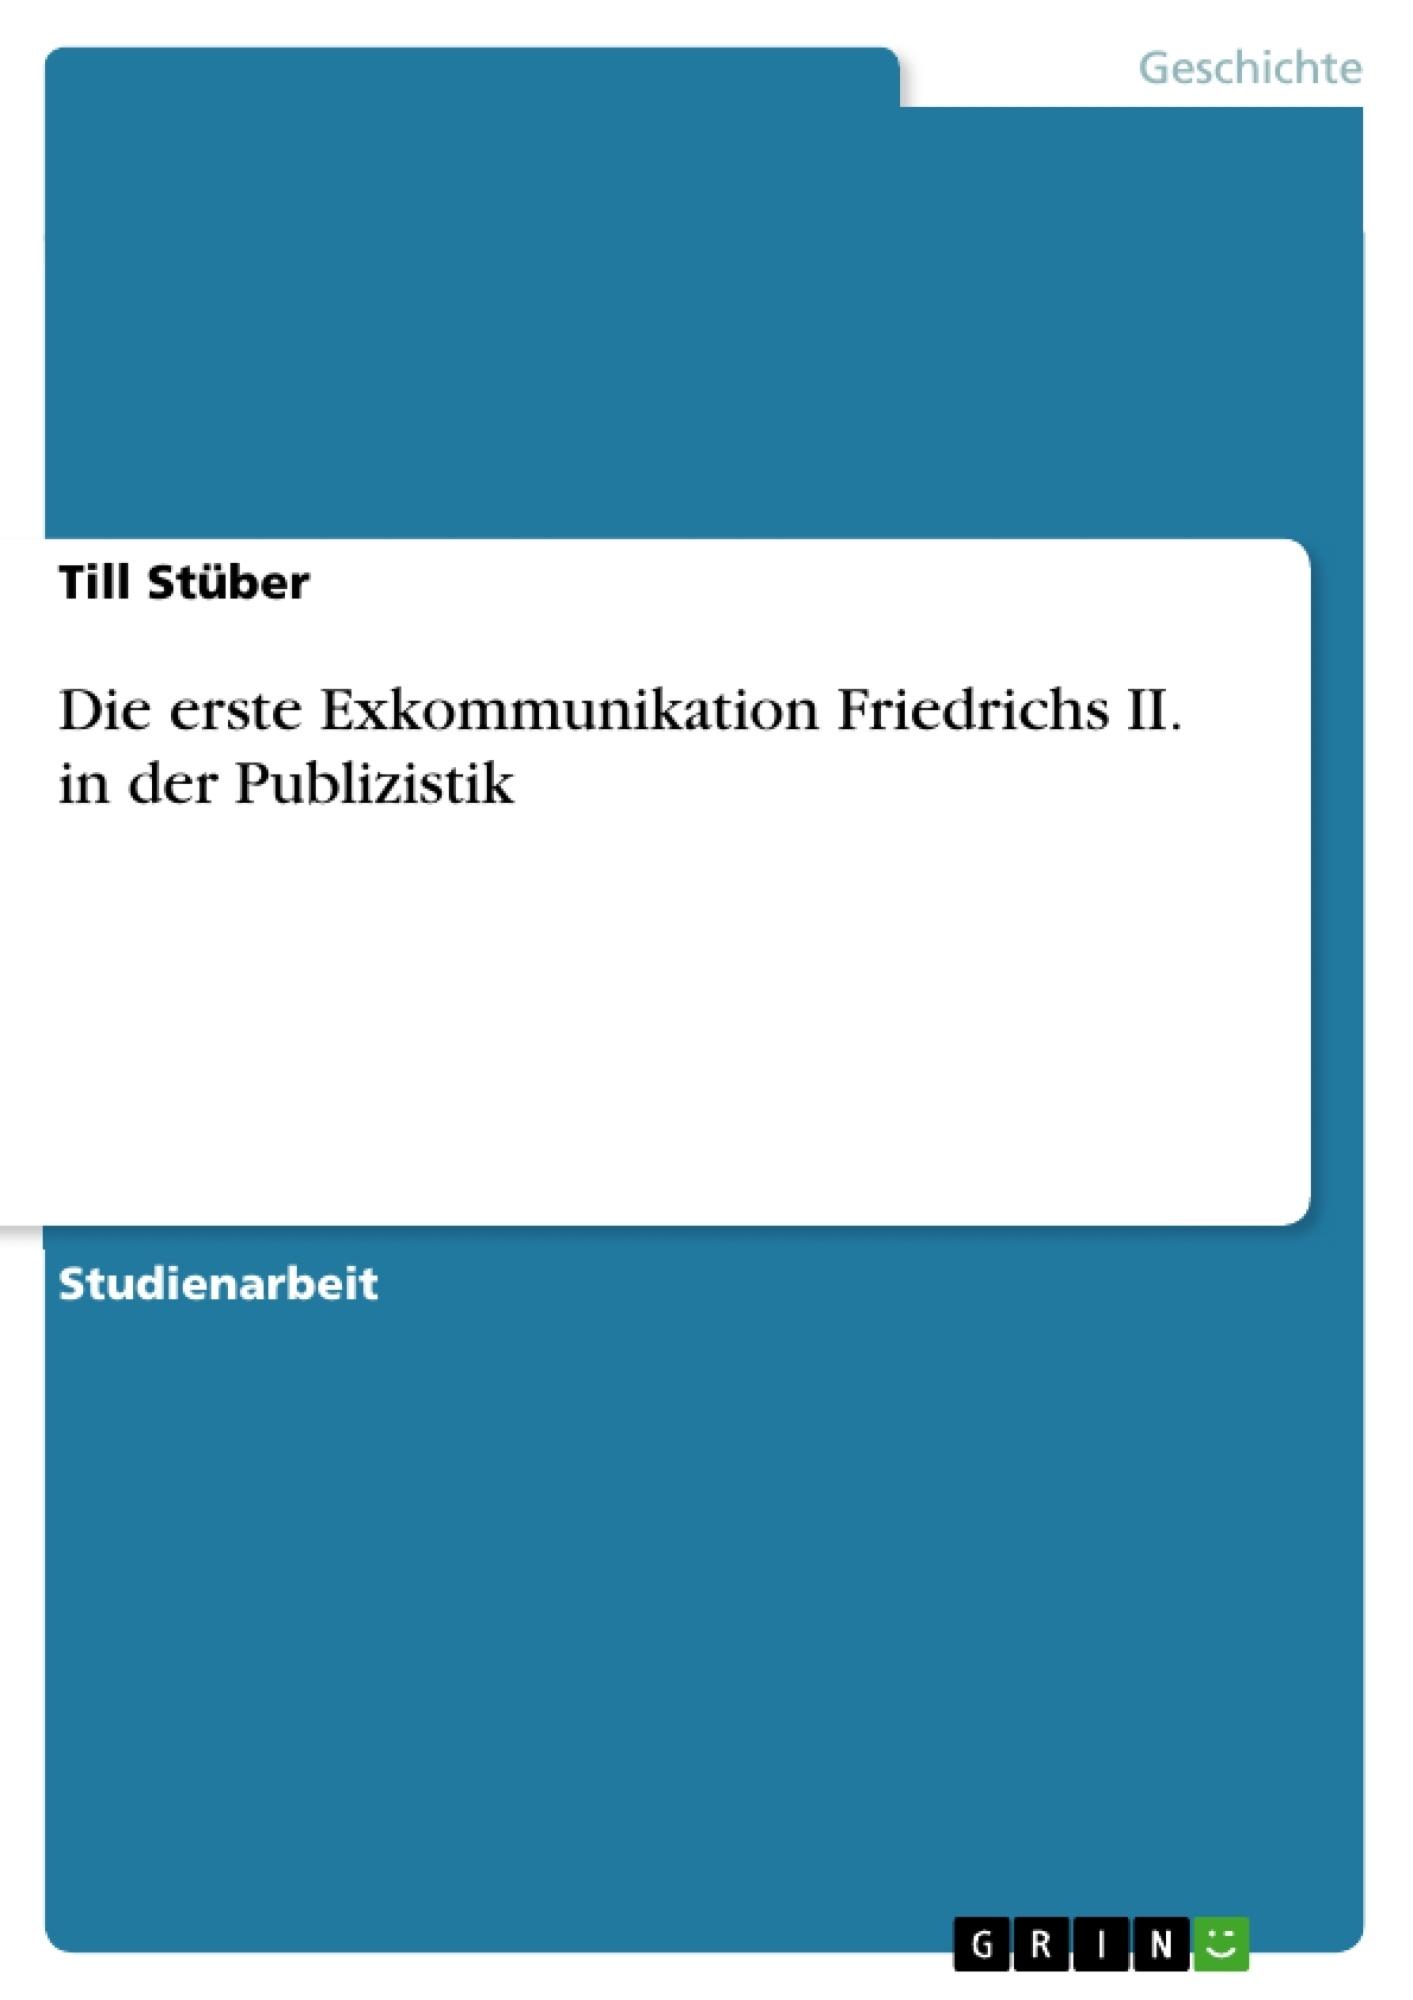 Titel: Die erste Exkommunikation Friedrichs II. in der Publizistik